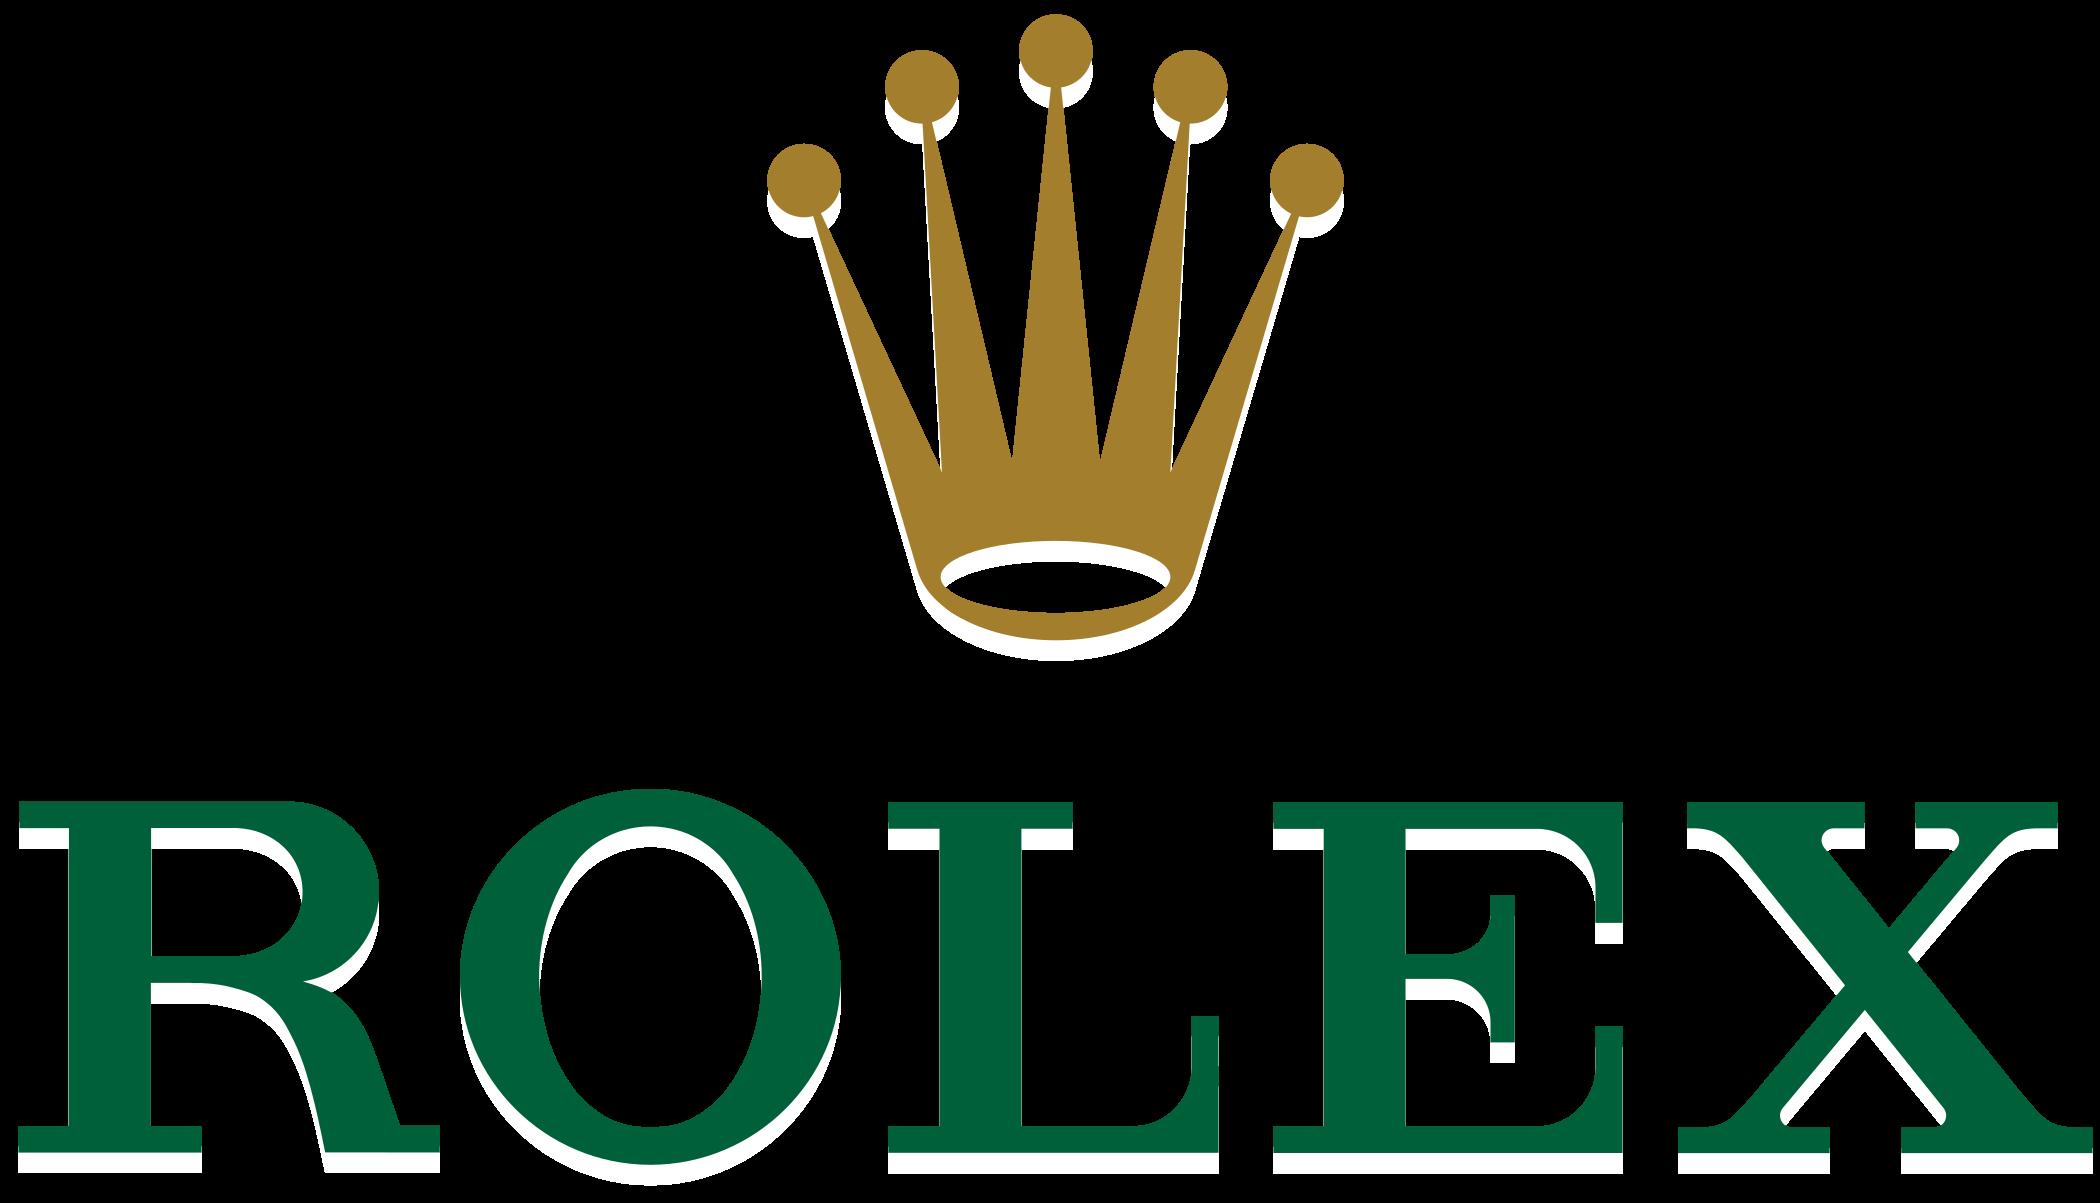 rolex logo 2 - Rolex Logo